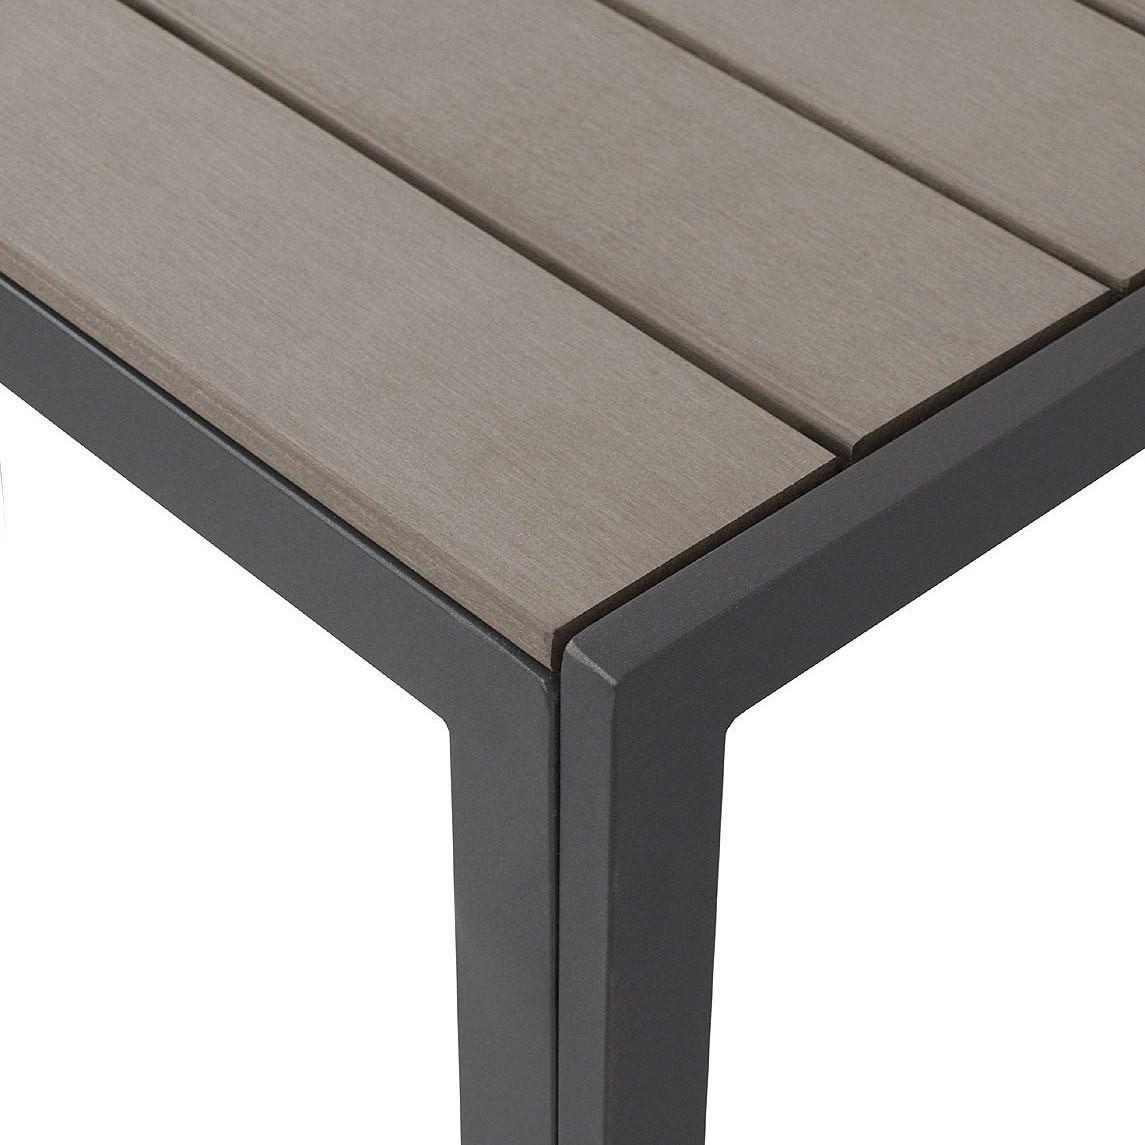 Gartentisch alu for Tisch ausziehbar 3 meter